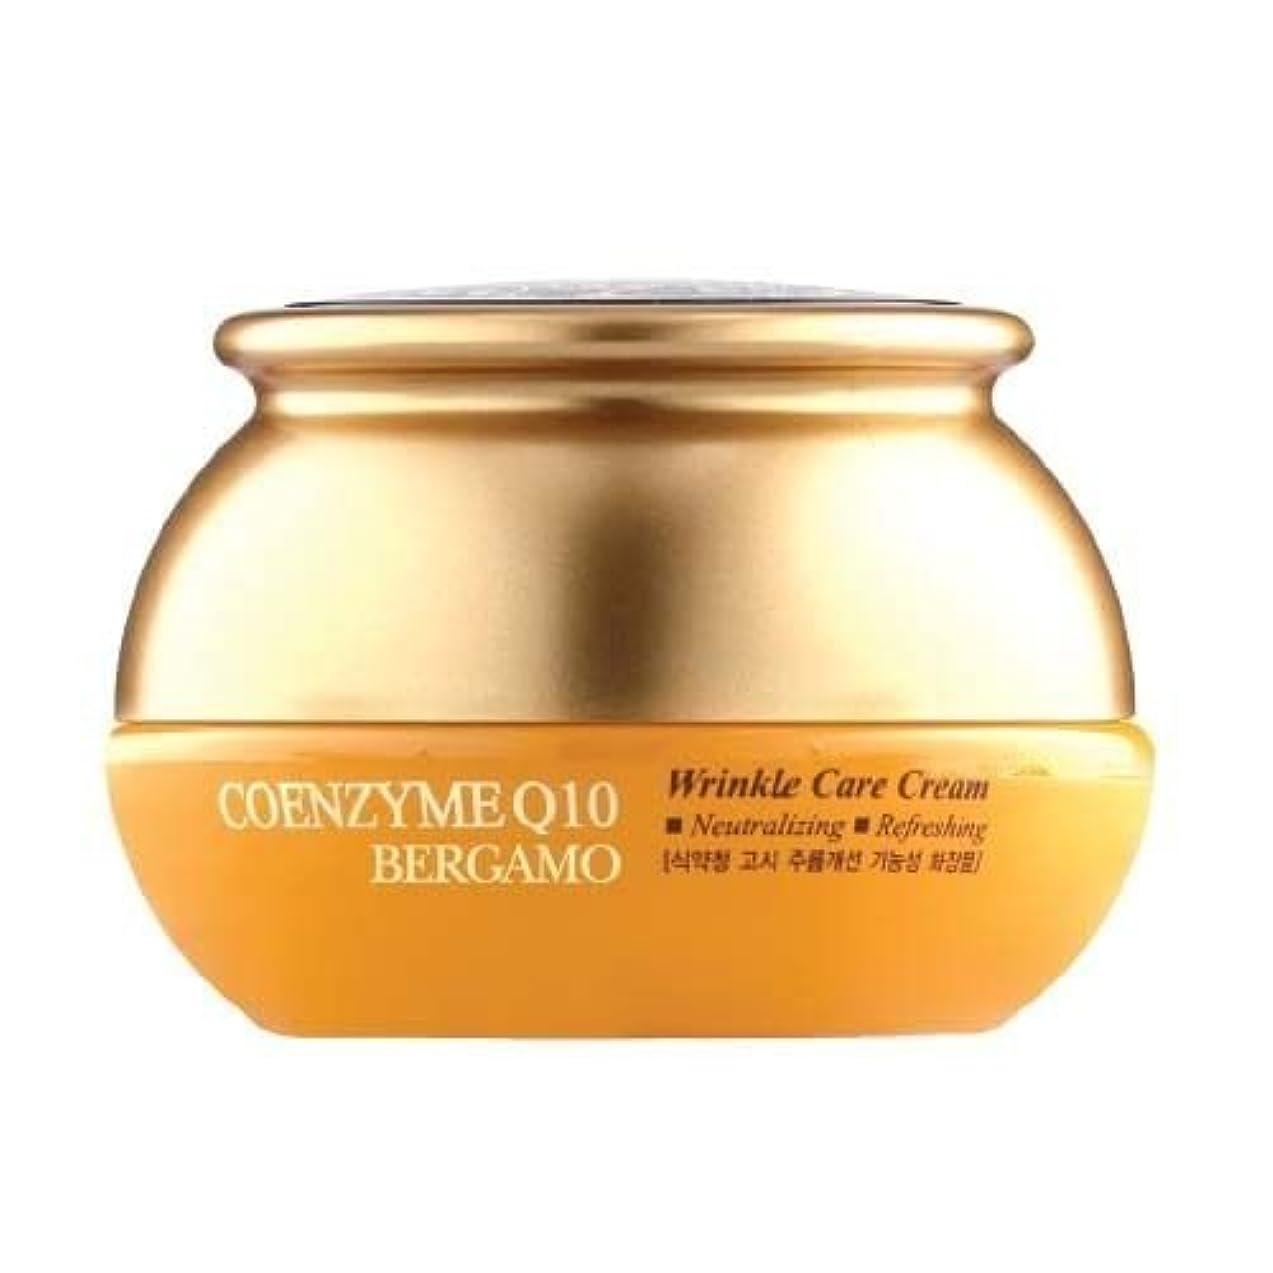 デッドロックパーセントパラメータベルガモ[韓国コスメBergamo]Coenzyme Q10 Wrinkle Care Cream コエンザイムQ10リンクルケアクリーム50ml しわ管理 [並行輸入品]